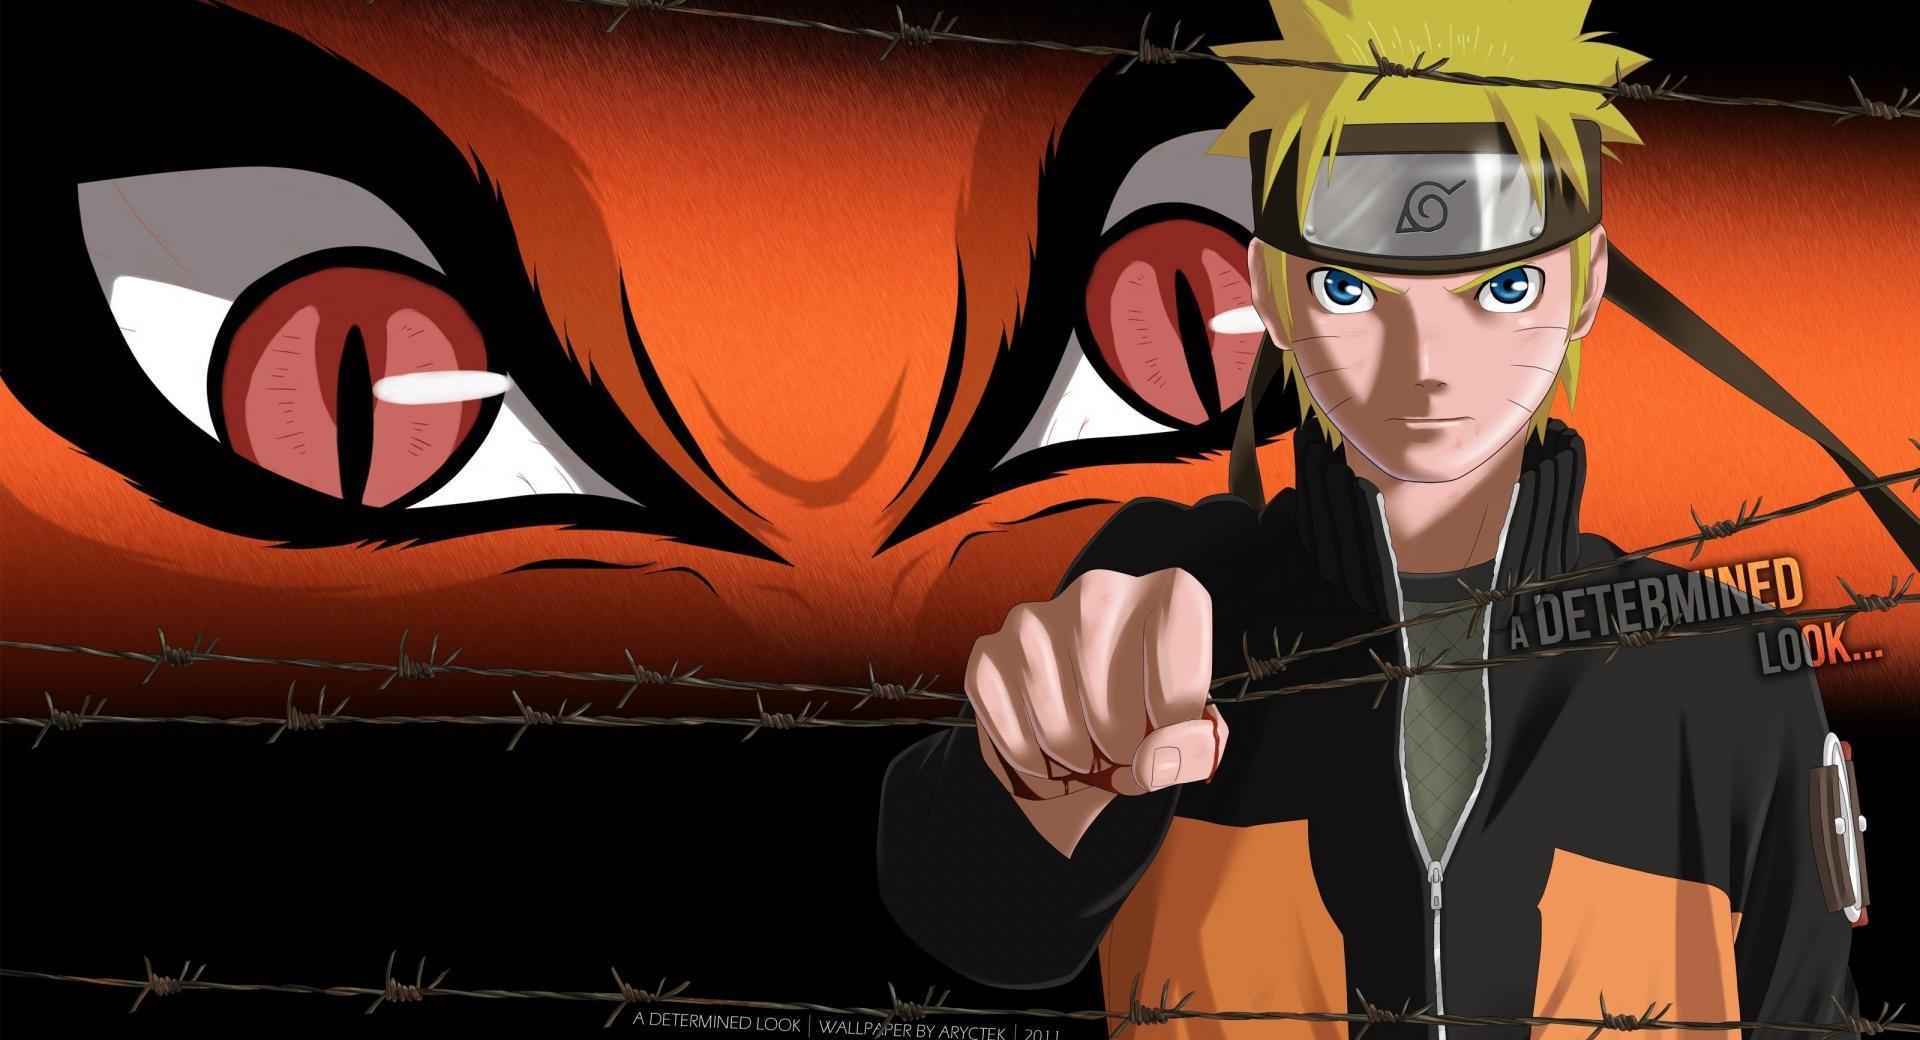 Naruto Shippuden Kyuubi - Naruto Uzumaki wallpapers HD quality